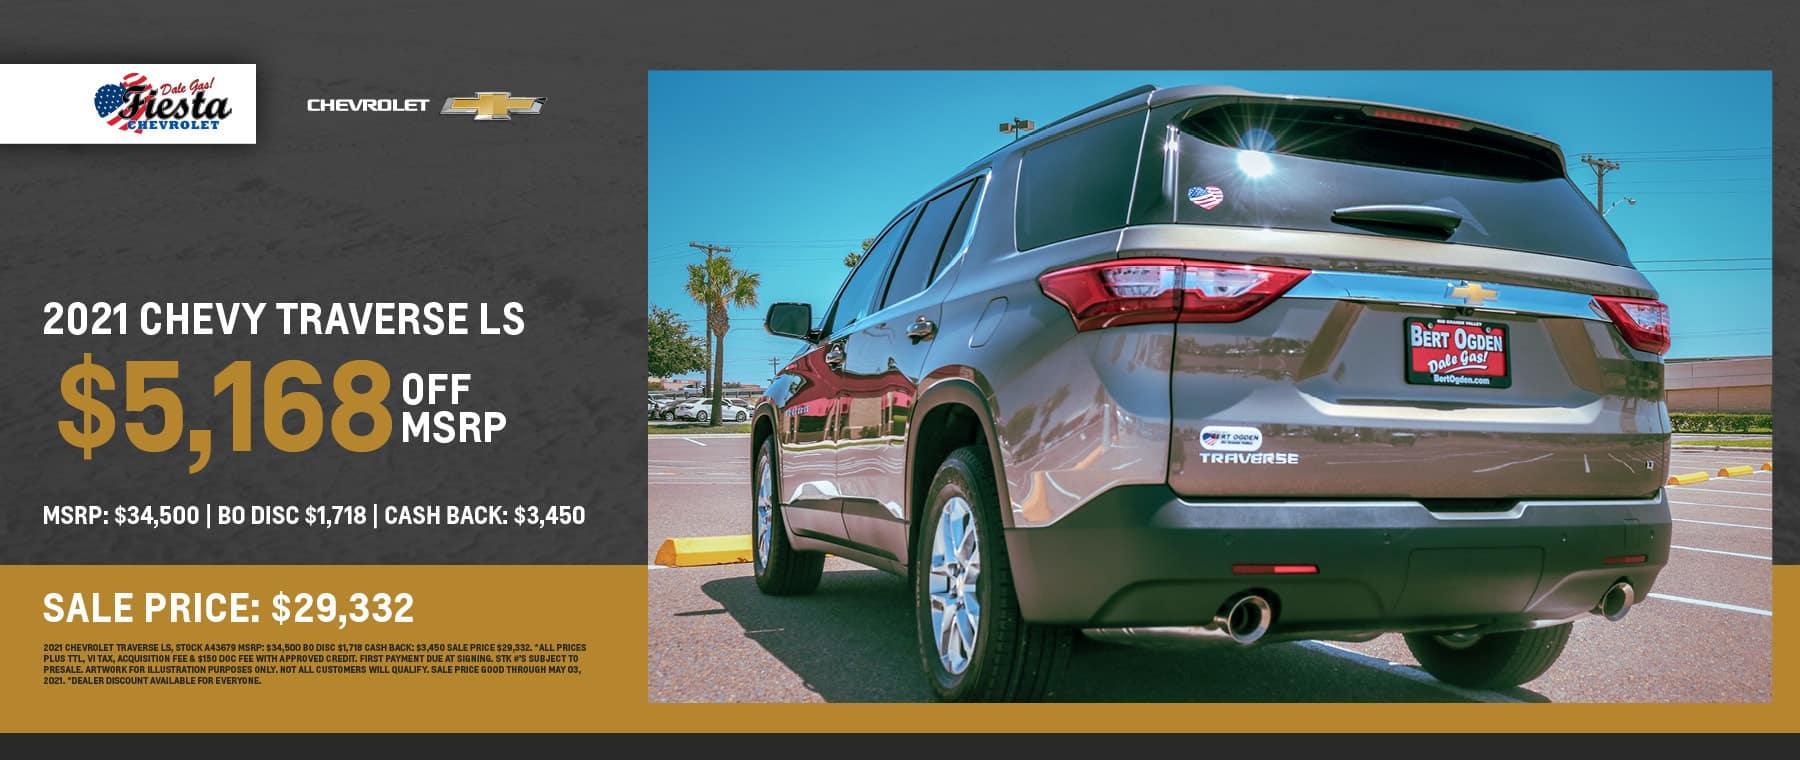 2021 Chevrolet Traverse LS Offer - Fiesta Chevrolet in Edinburg, Texas